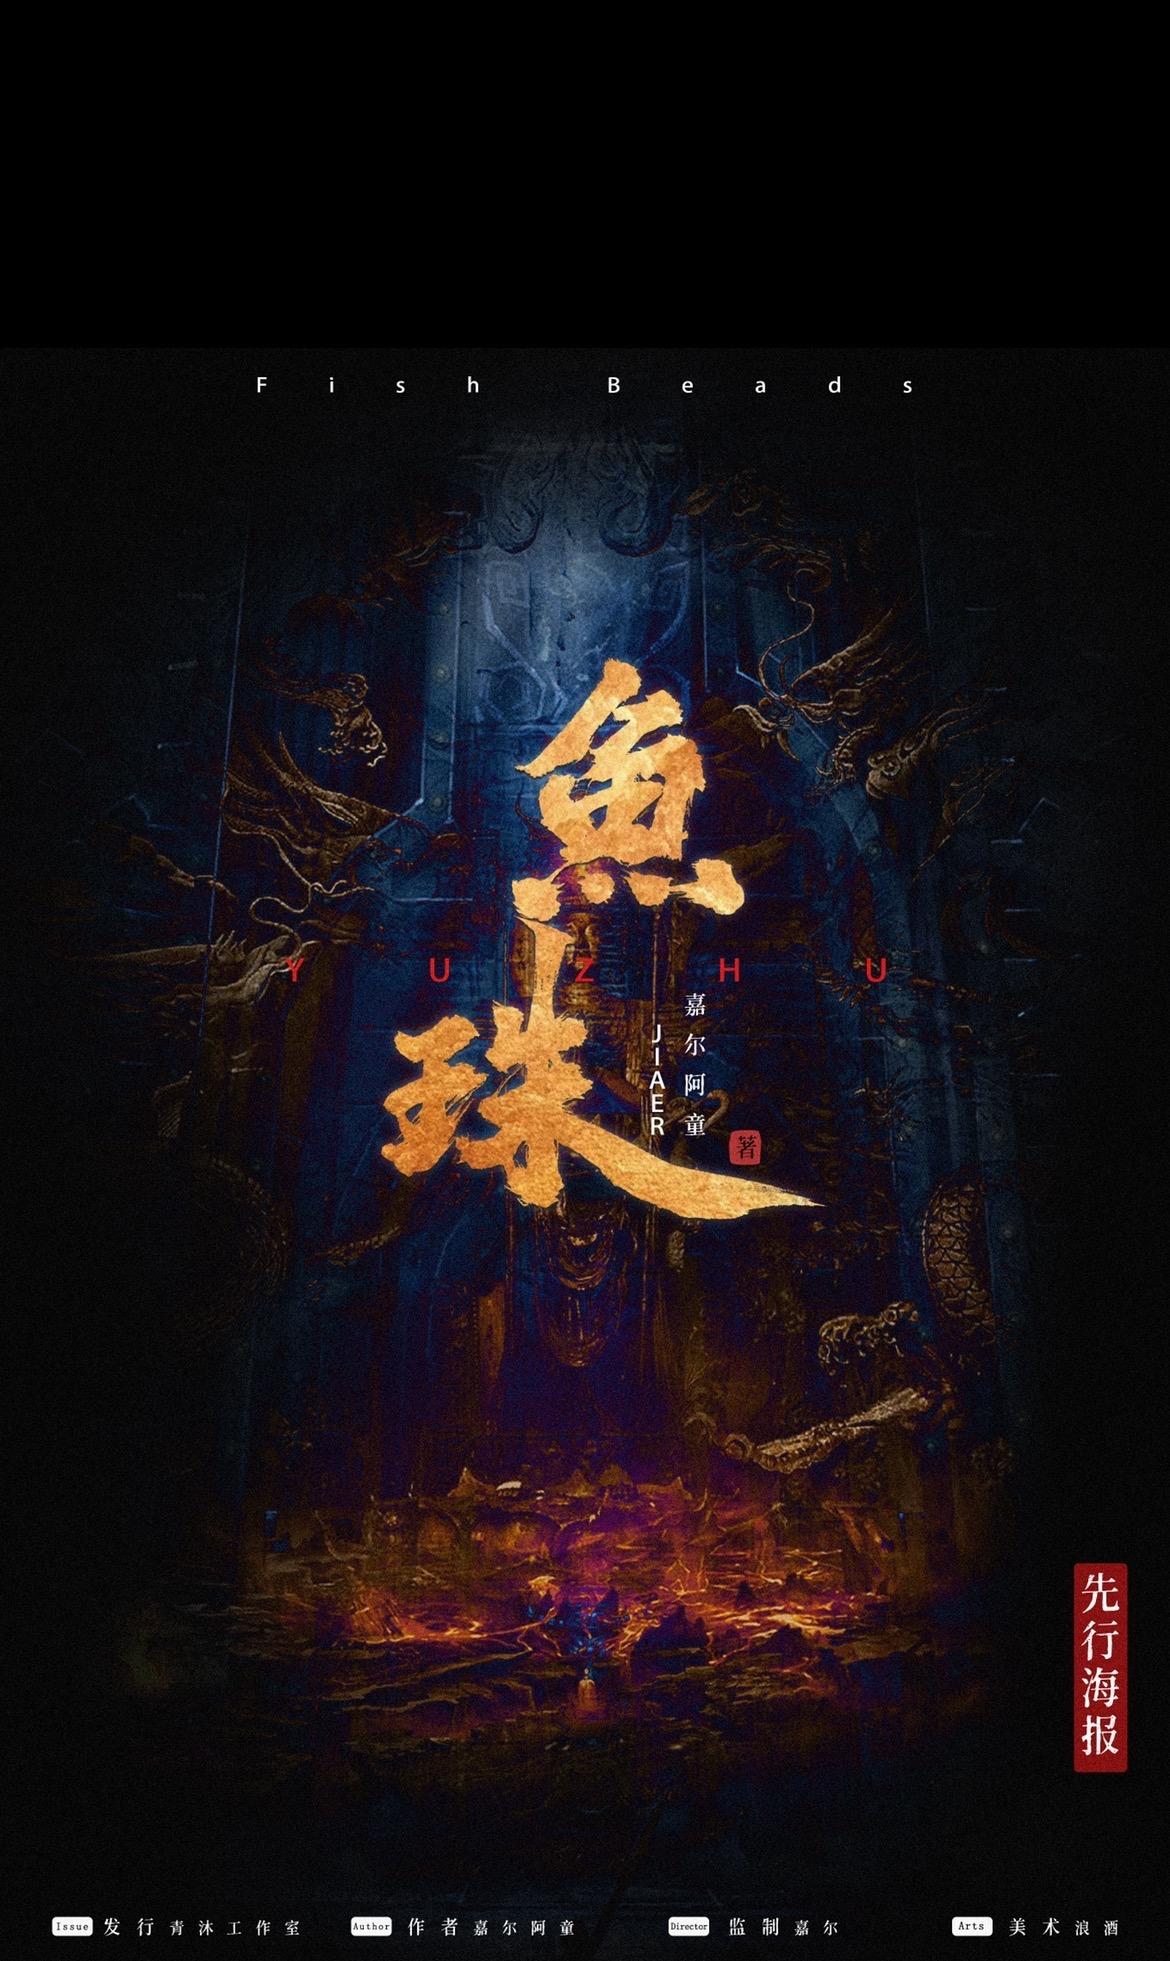 『锦官2-鱼珠』剧本杀复盘_凶手作案手法揭秘_答案_线索_真相解析